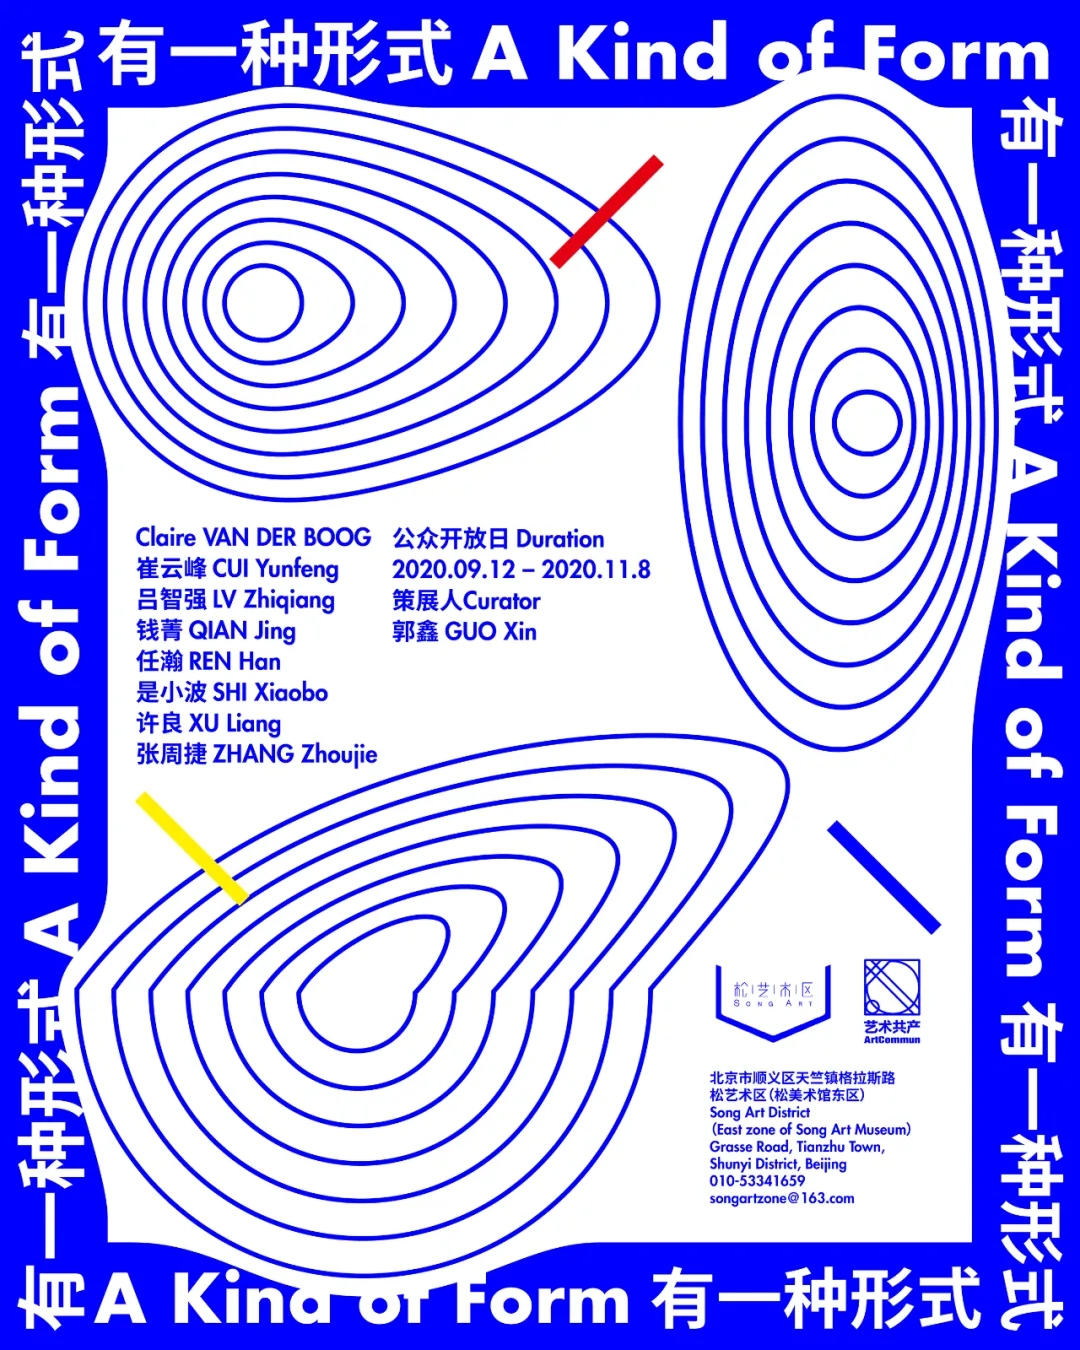 北京《有一种形式》展